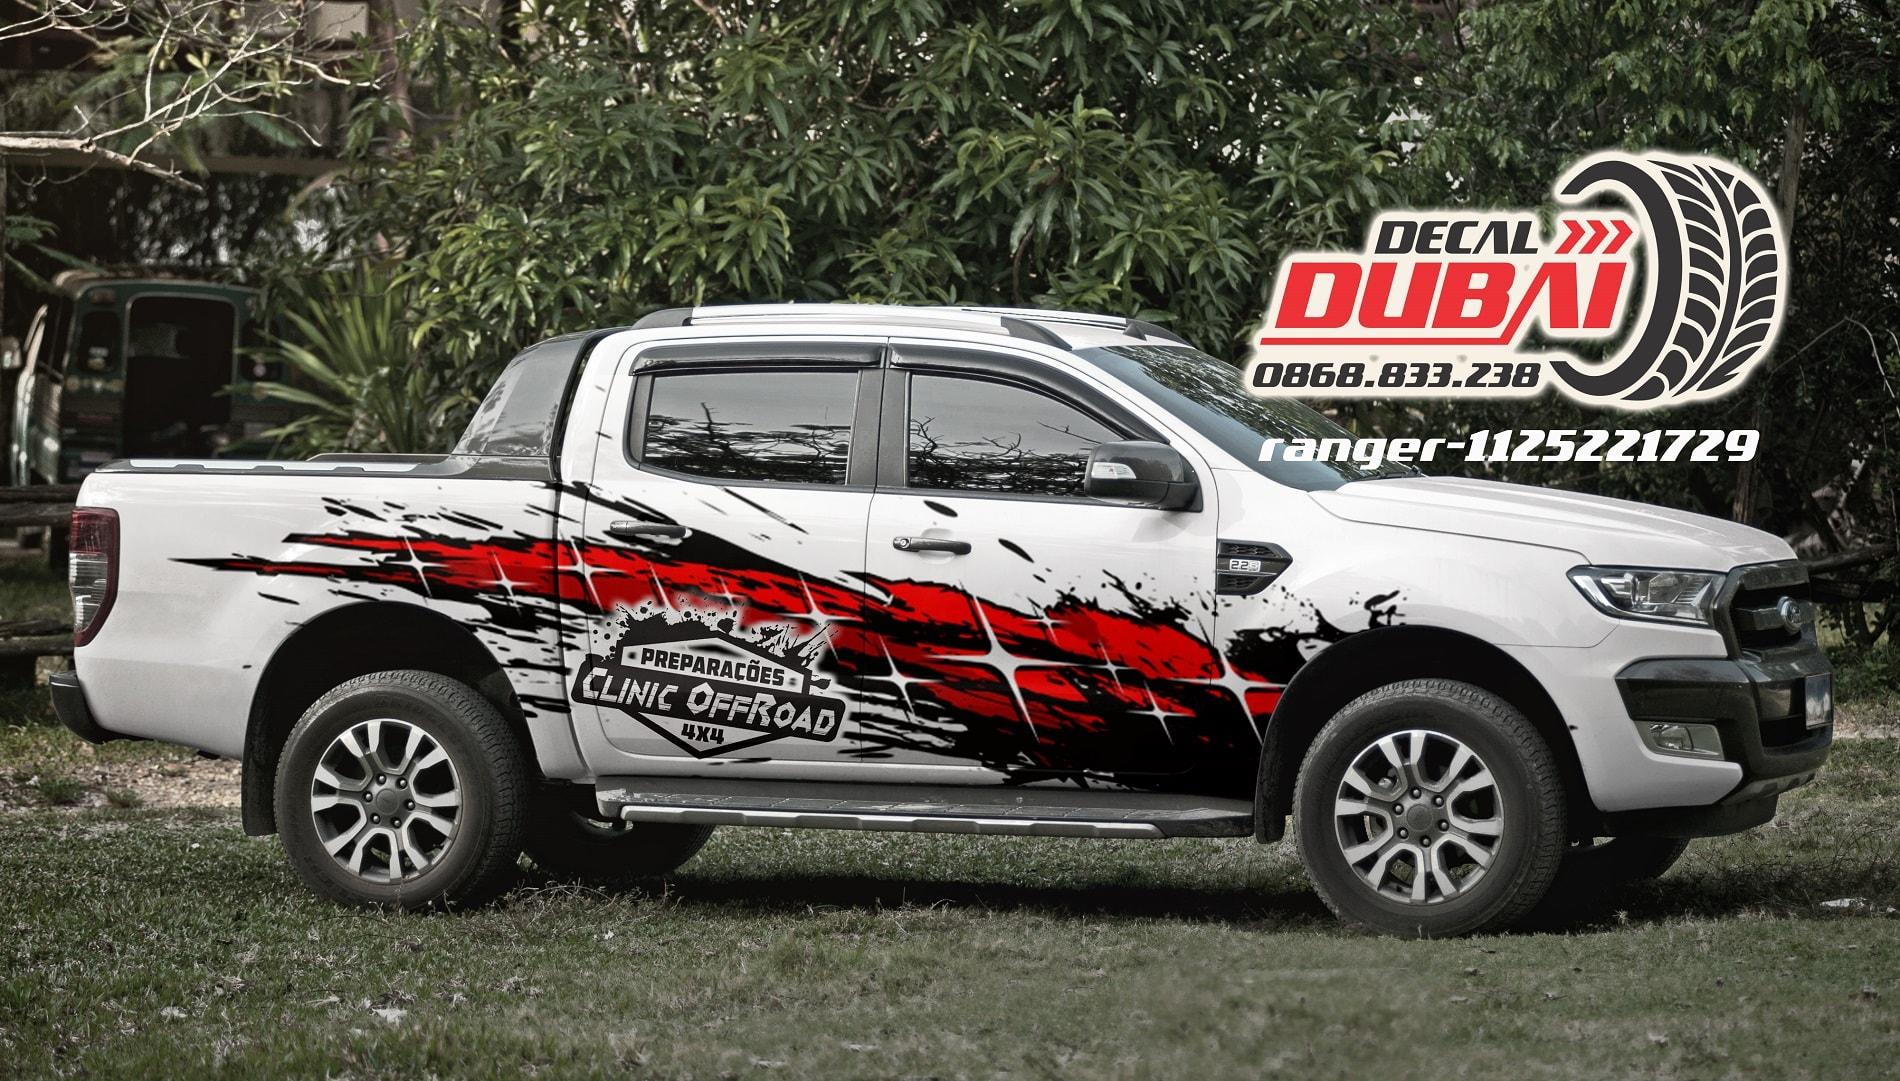 Tem-xe-ranger-1125221729-2400k-min